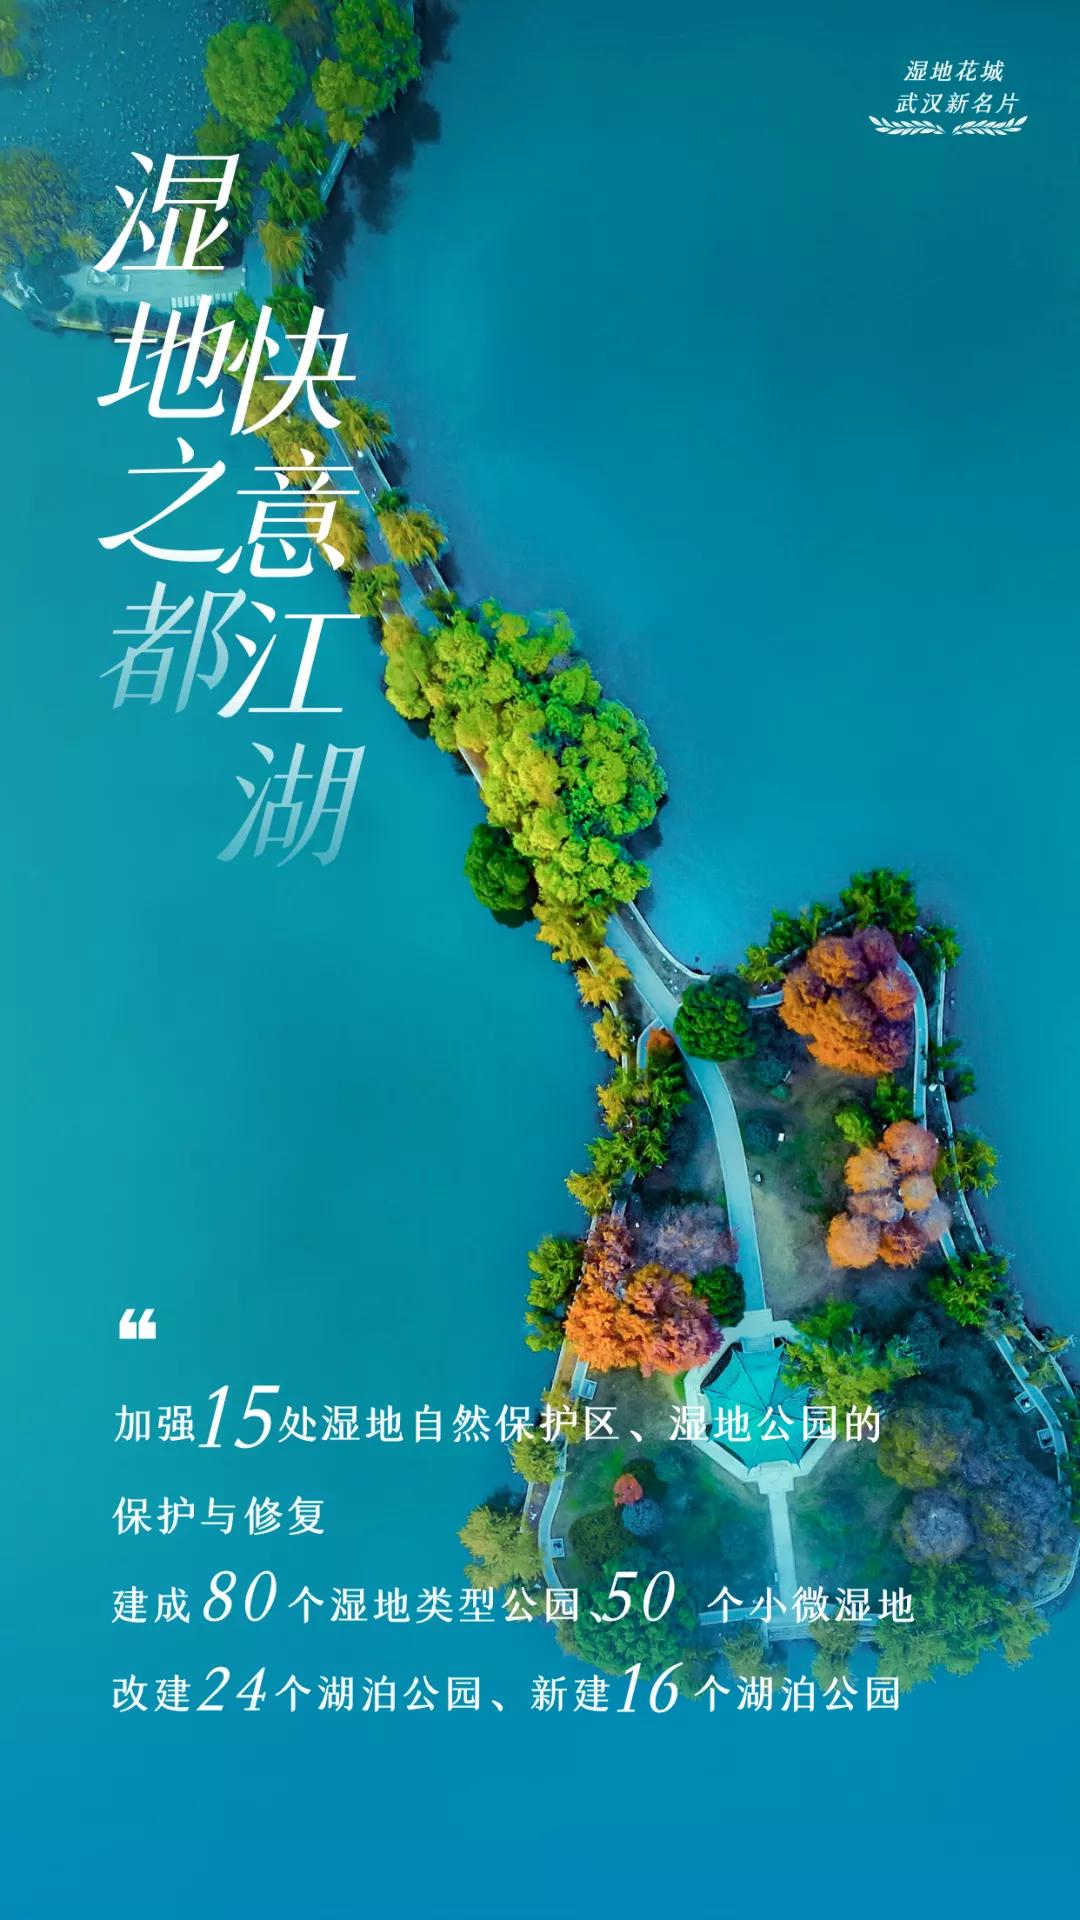 湿地花城将成为武汉新名片 让武汉市民轻松乐享花漾生活插图